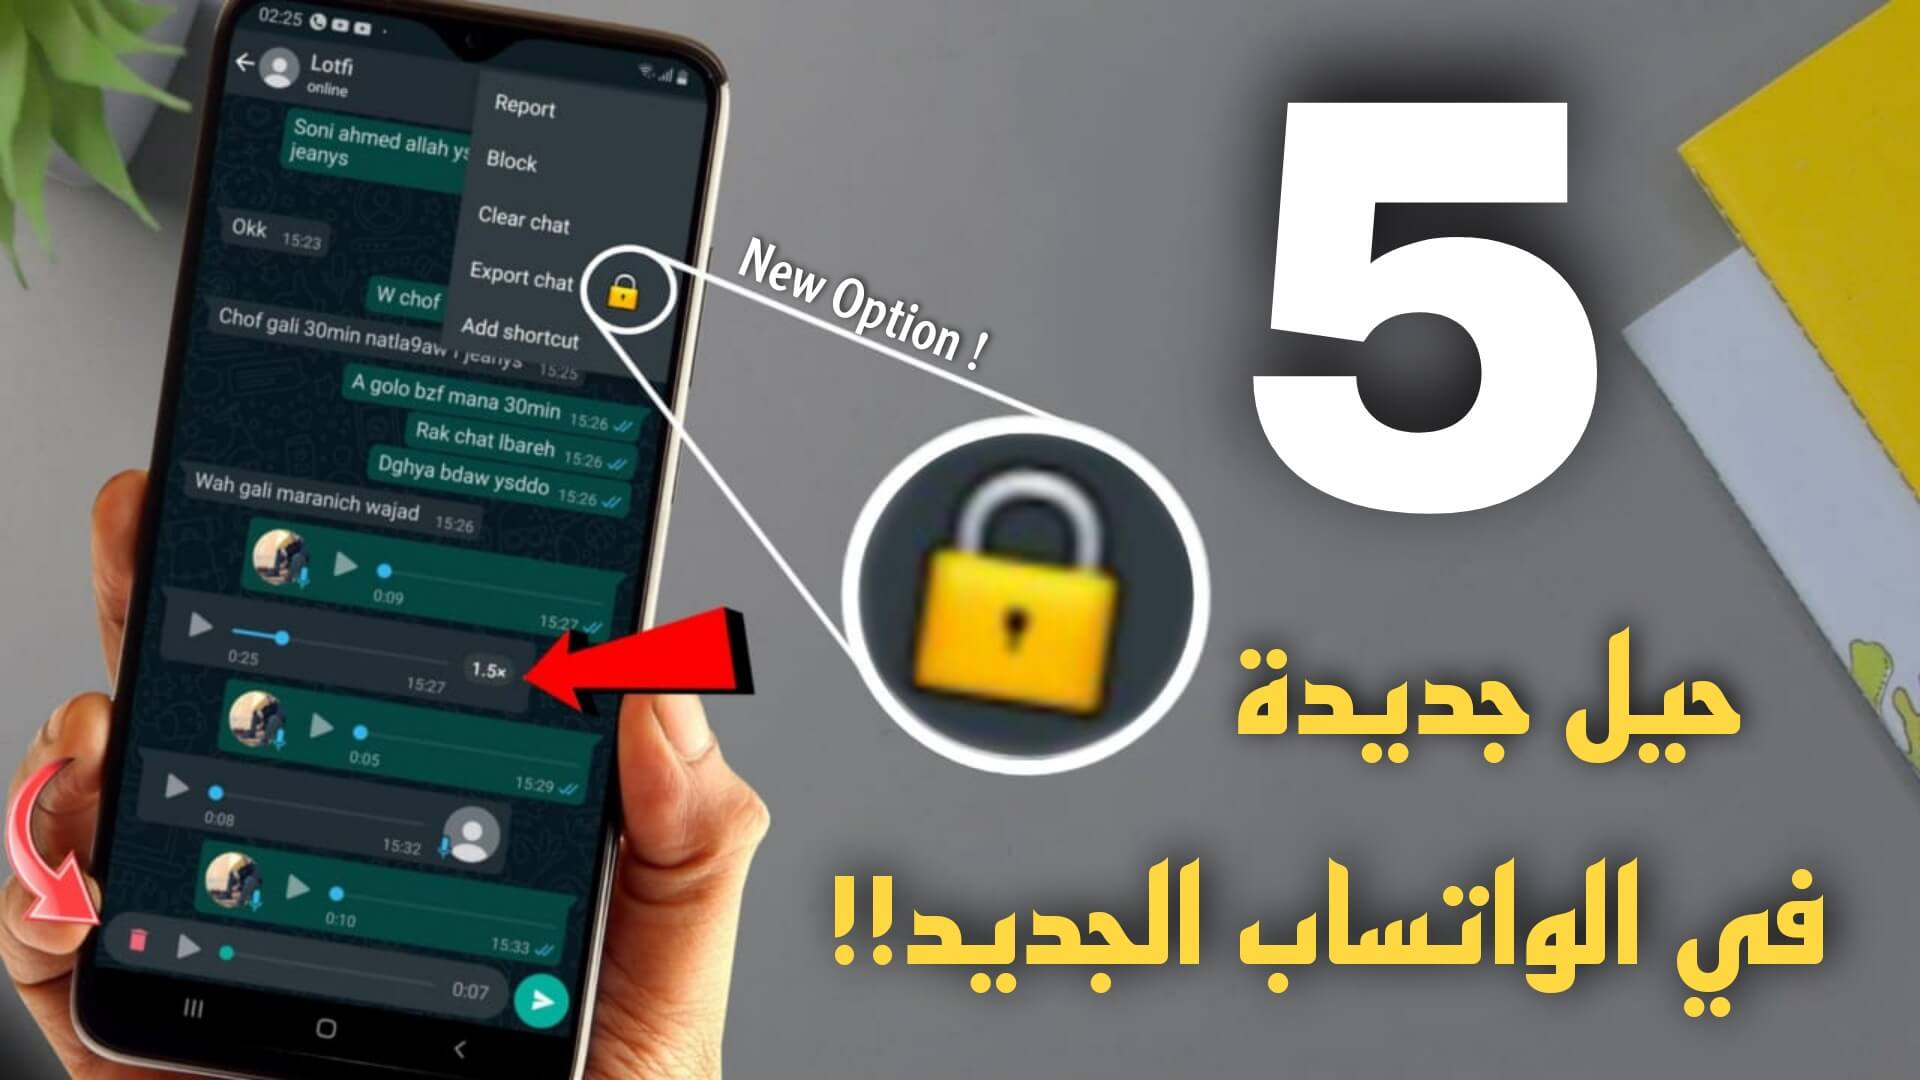 5 خدع سرية في الواتساب جديدة لا يعرفها أحد 2021 ! أحدث مميزات الواتساب المخفية اكتشفها